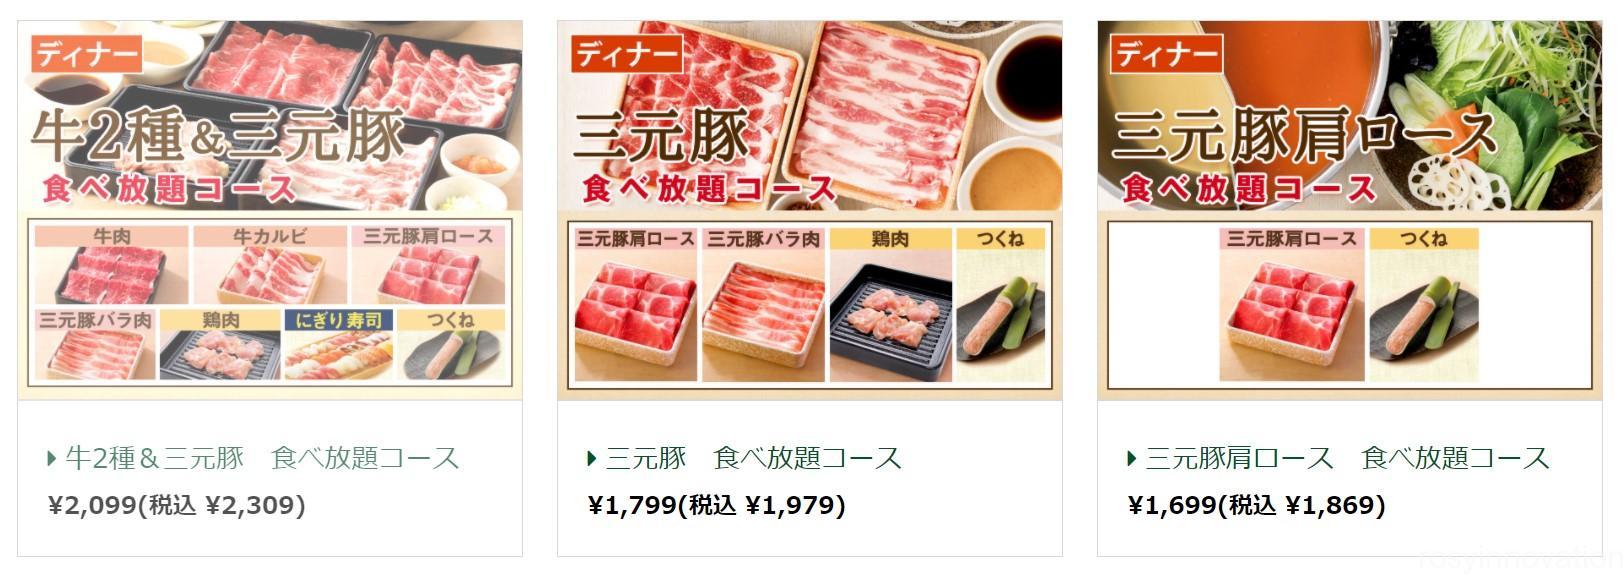 しゃぶ葉倉敷店の食べ放題料金 (7)